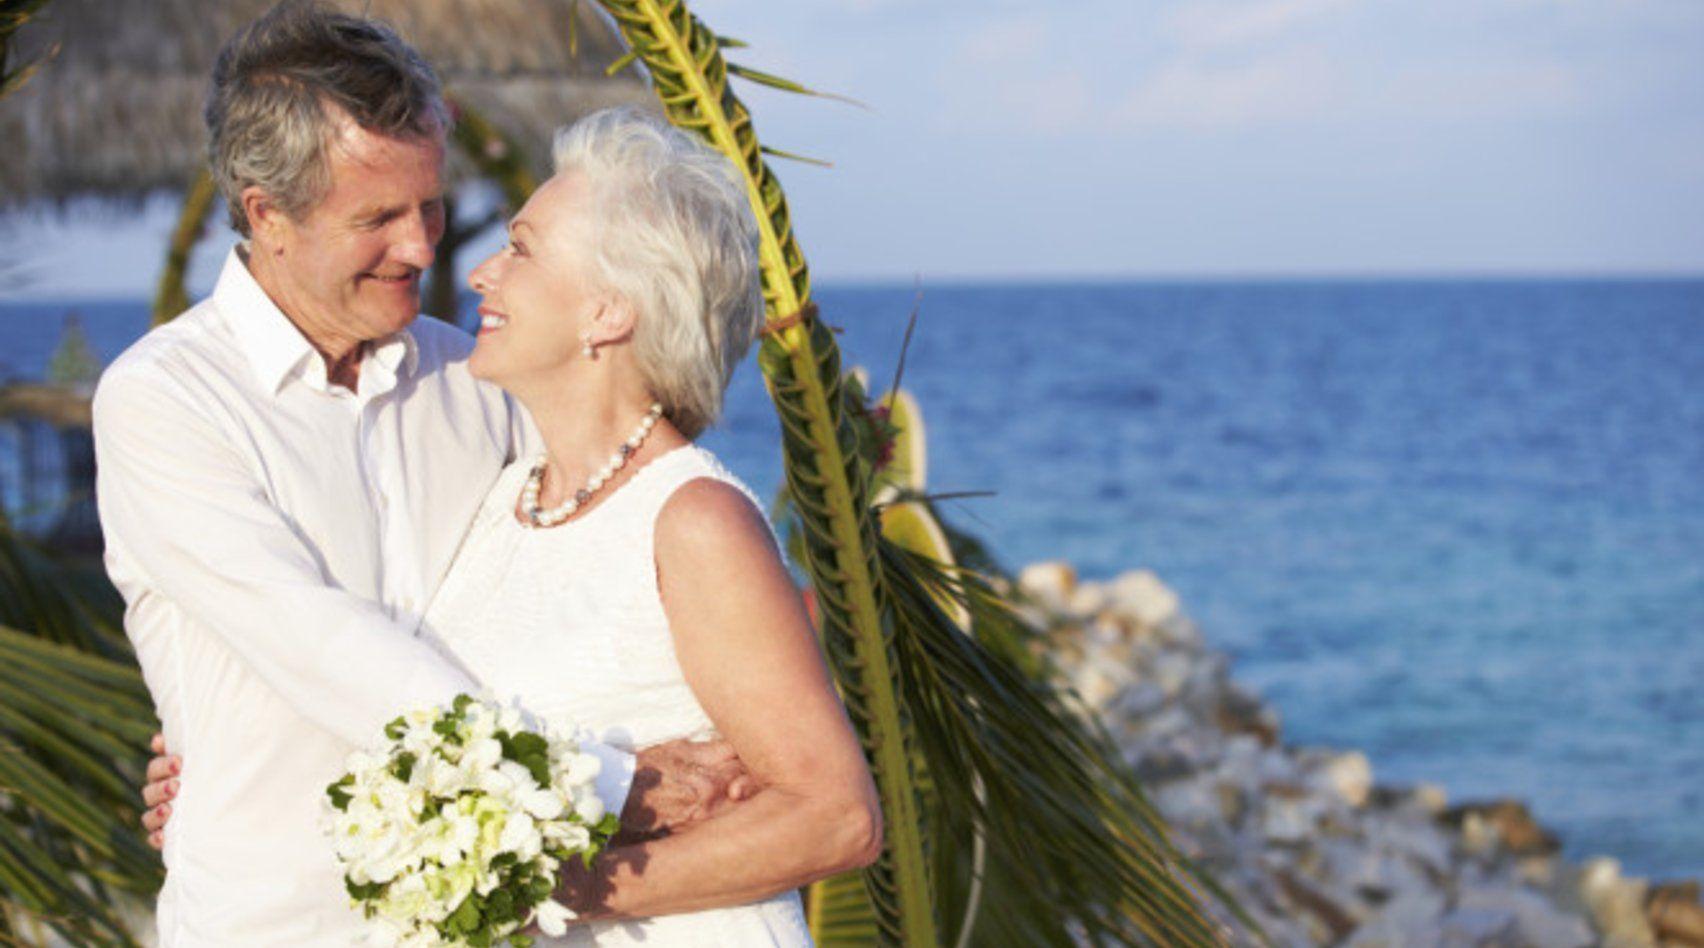 Eheversprechen erneuern: Die zweite Hochzeit